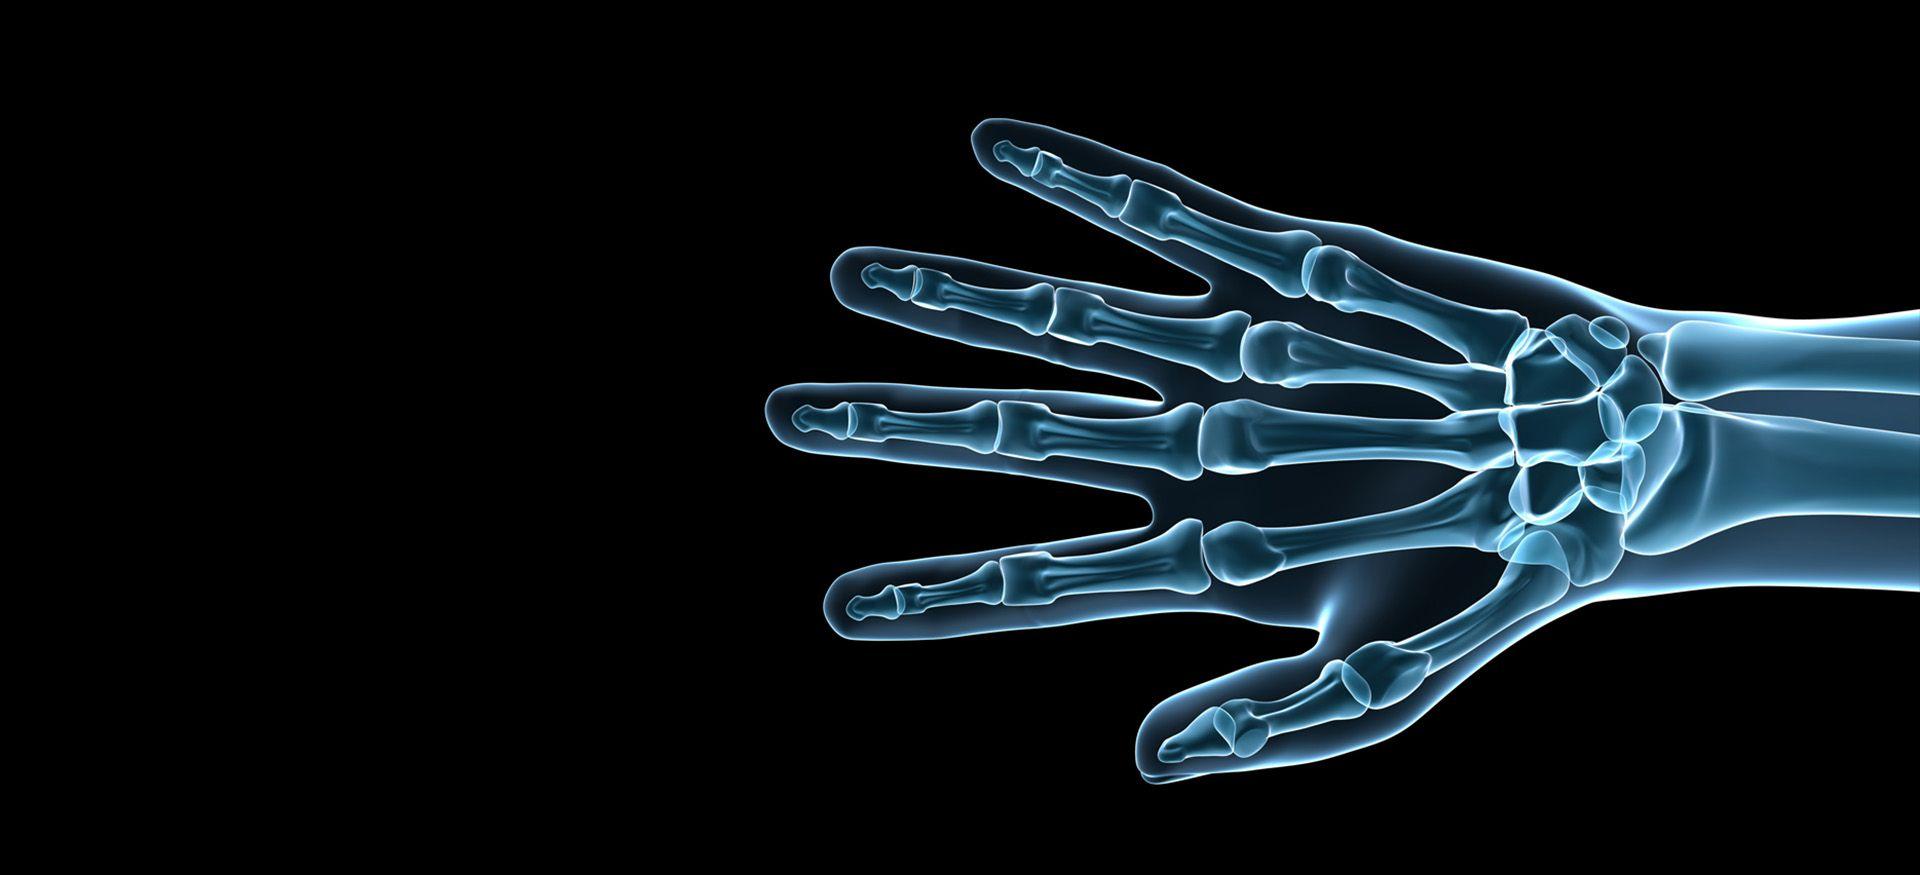 Implantate und Implantatsysteme Handchirurgie